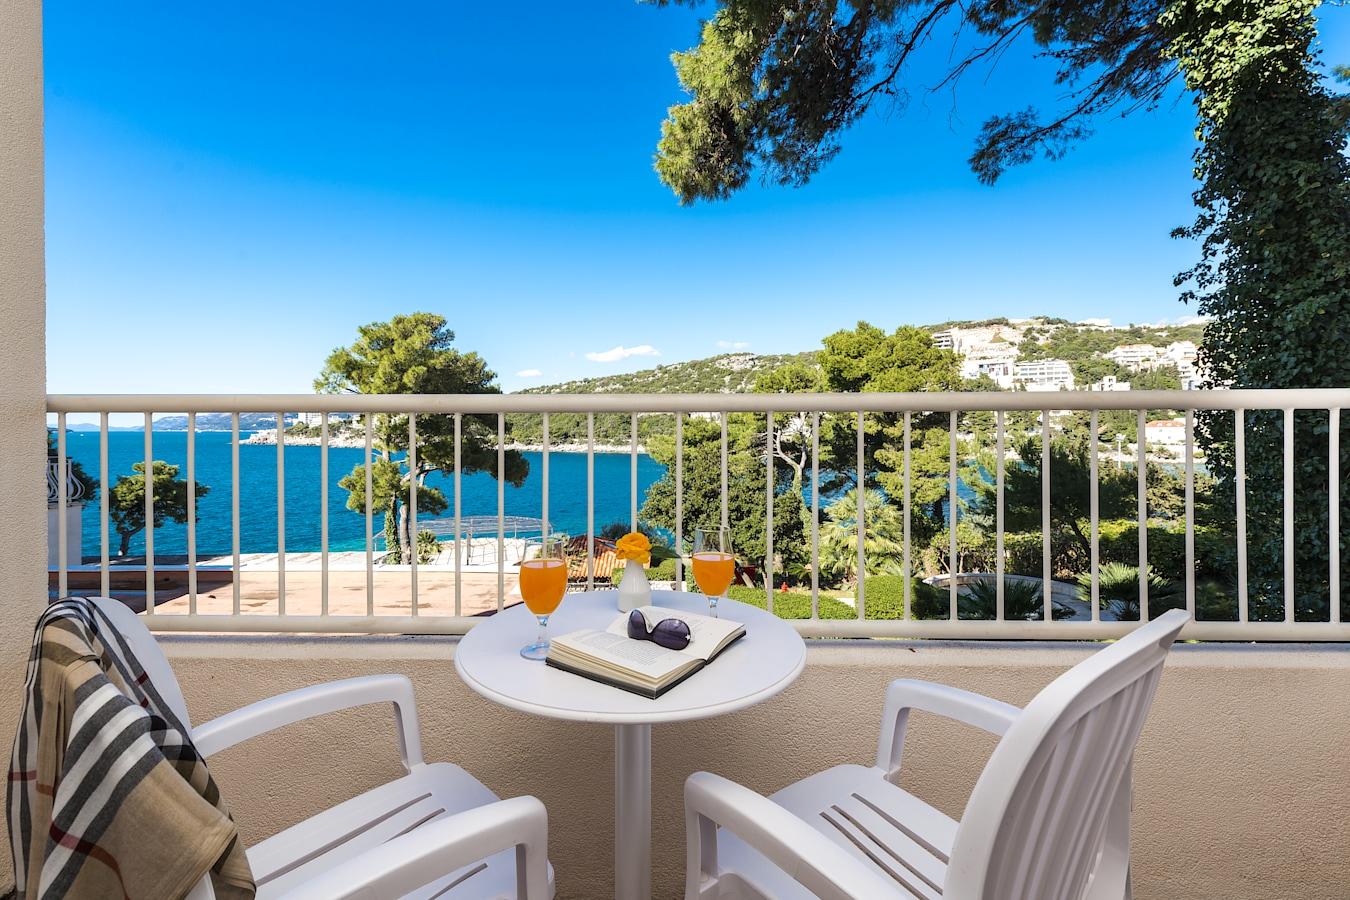 splendid-hotel-dubrovnik-balcony-seaside.jpg